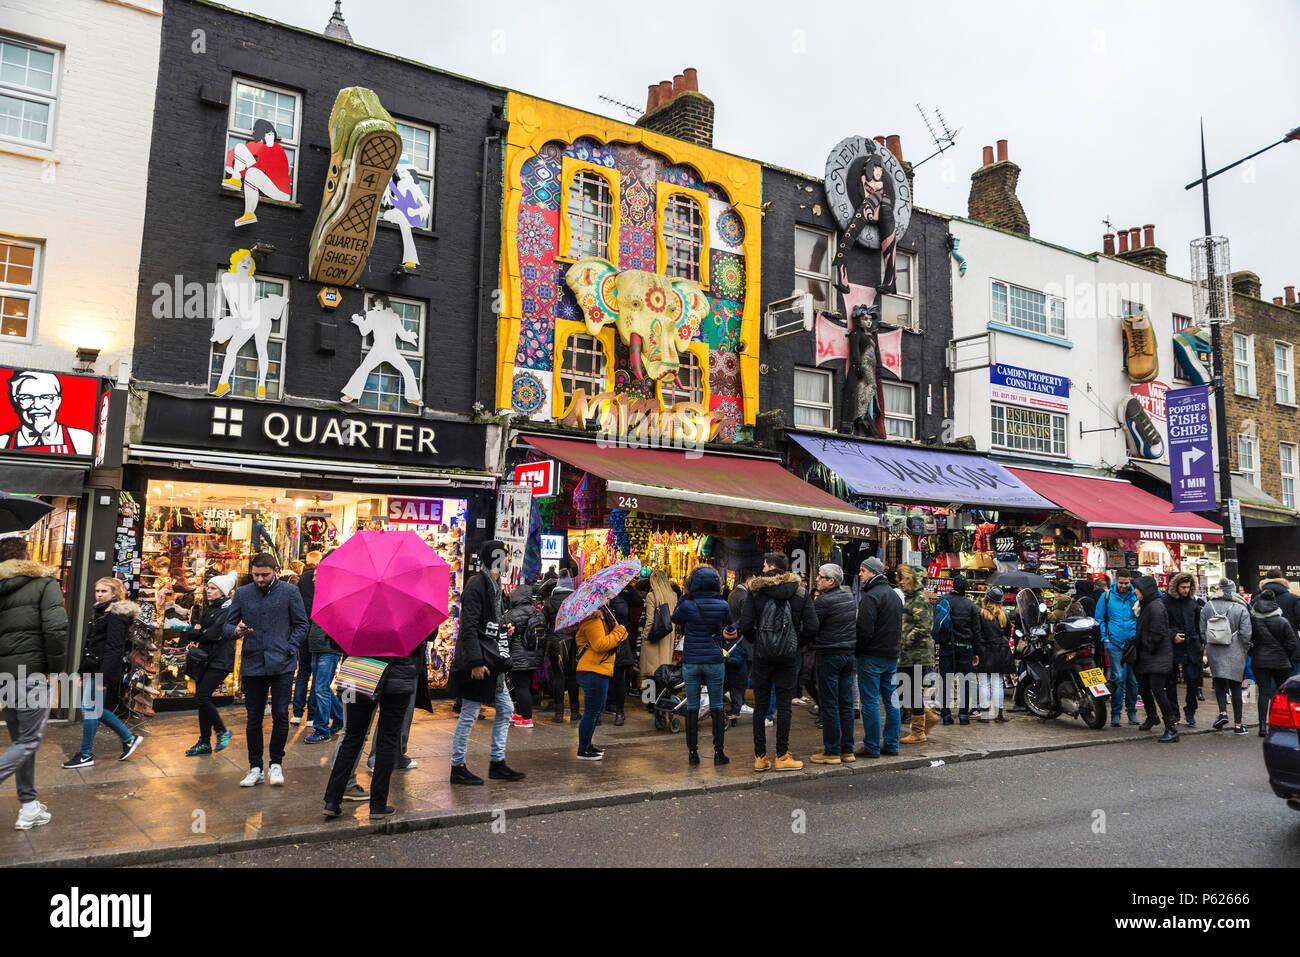 London, England, UK - 31. Dezember 2017: die Menschen zu Fuß die Boutiquen der Camden High Street in Camden Lock oder Camden Town in London, England, Stockbild